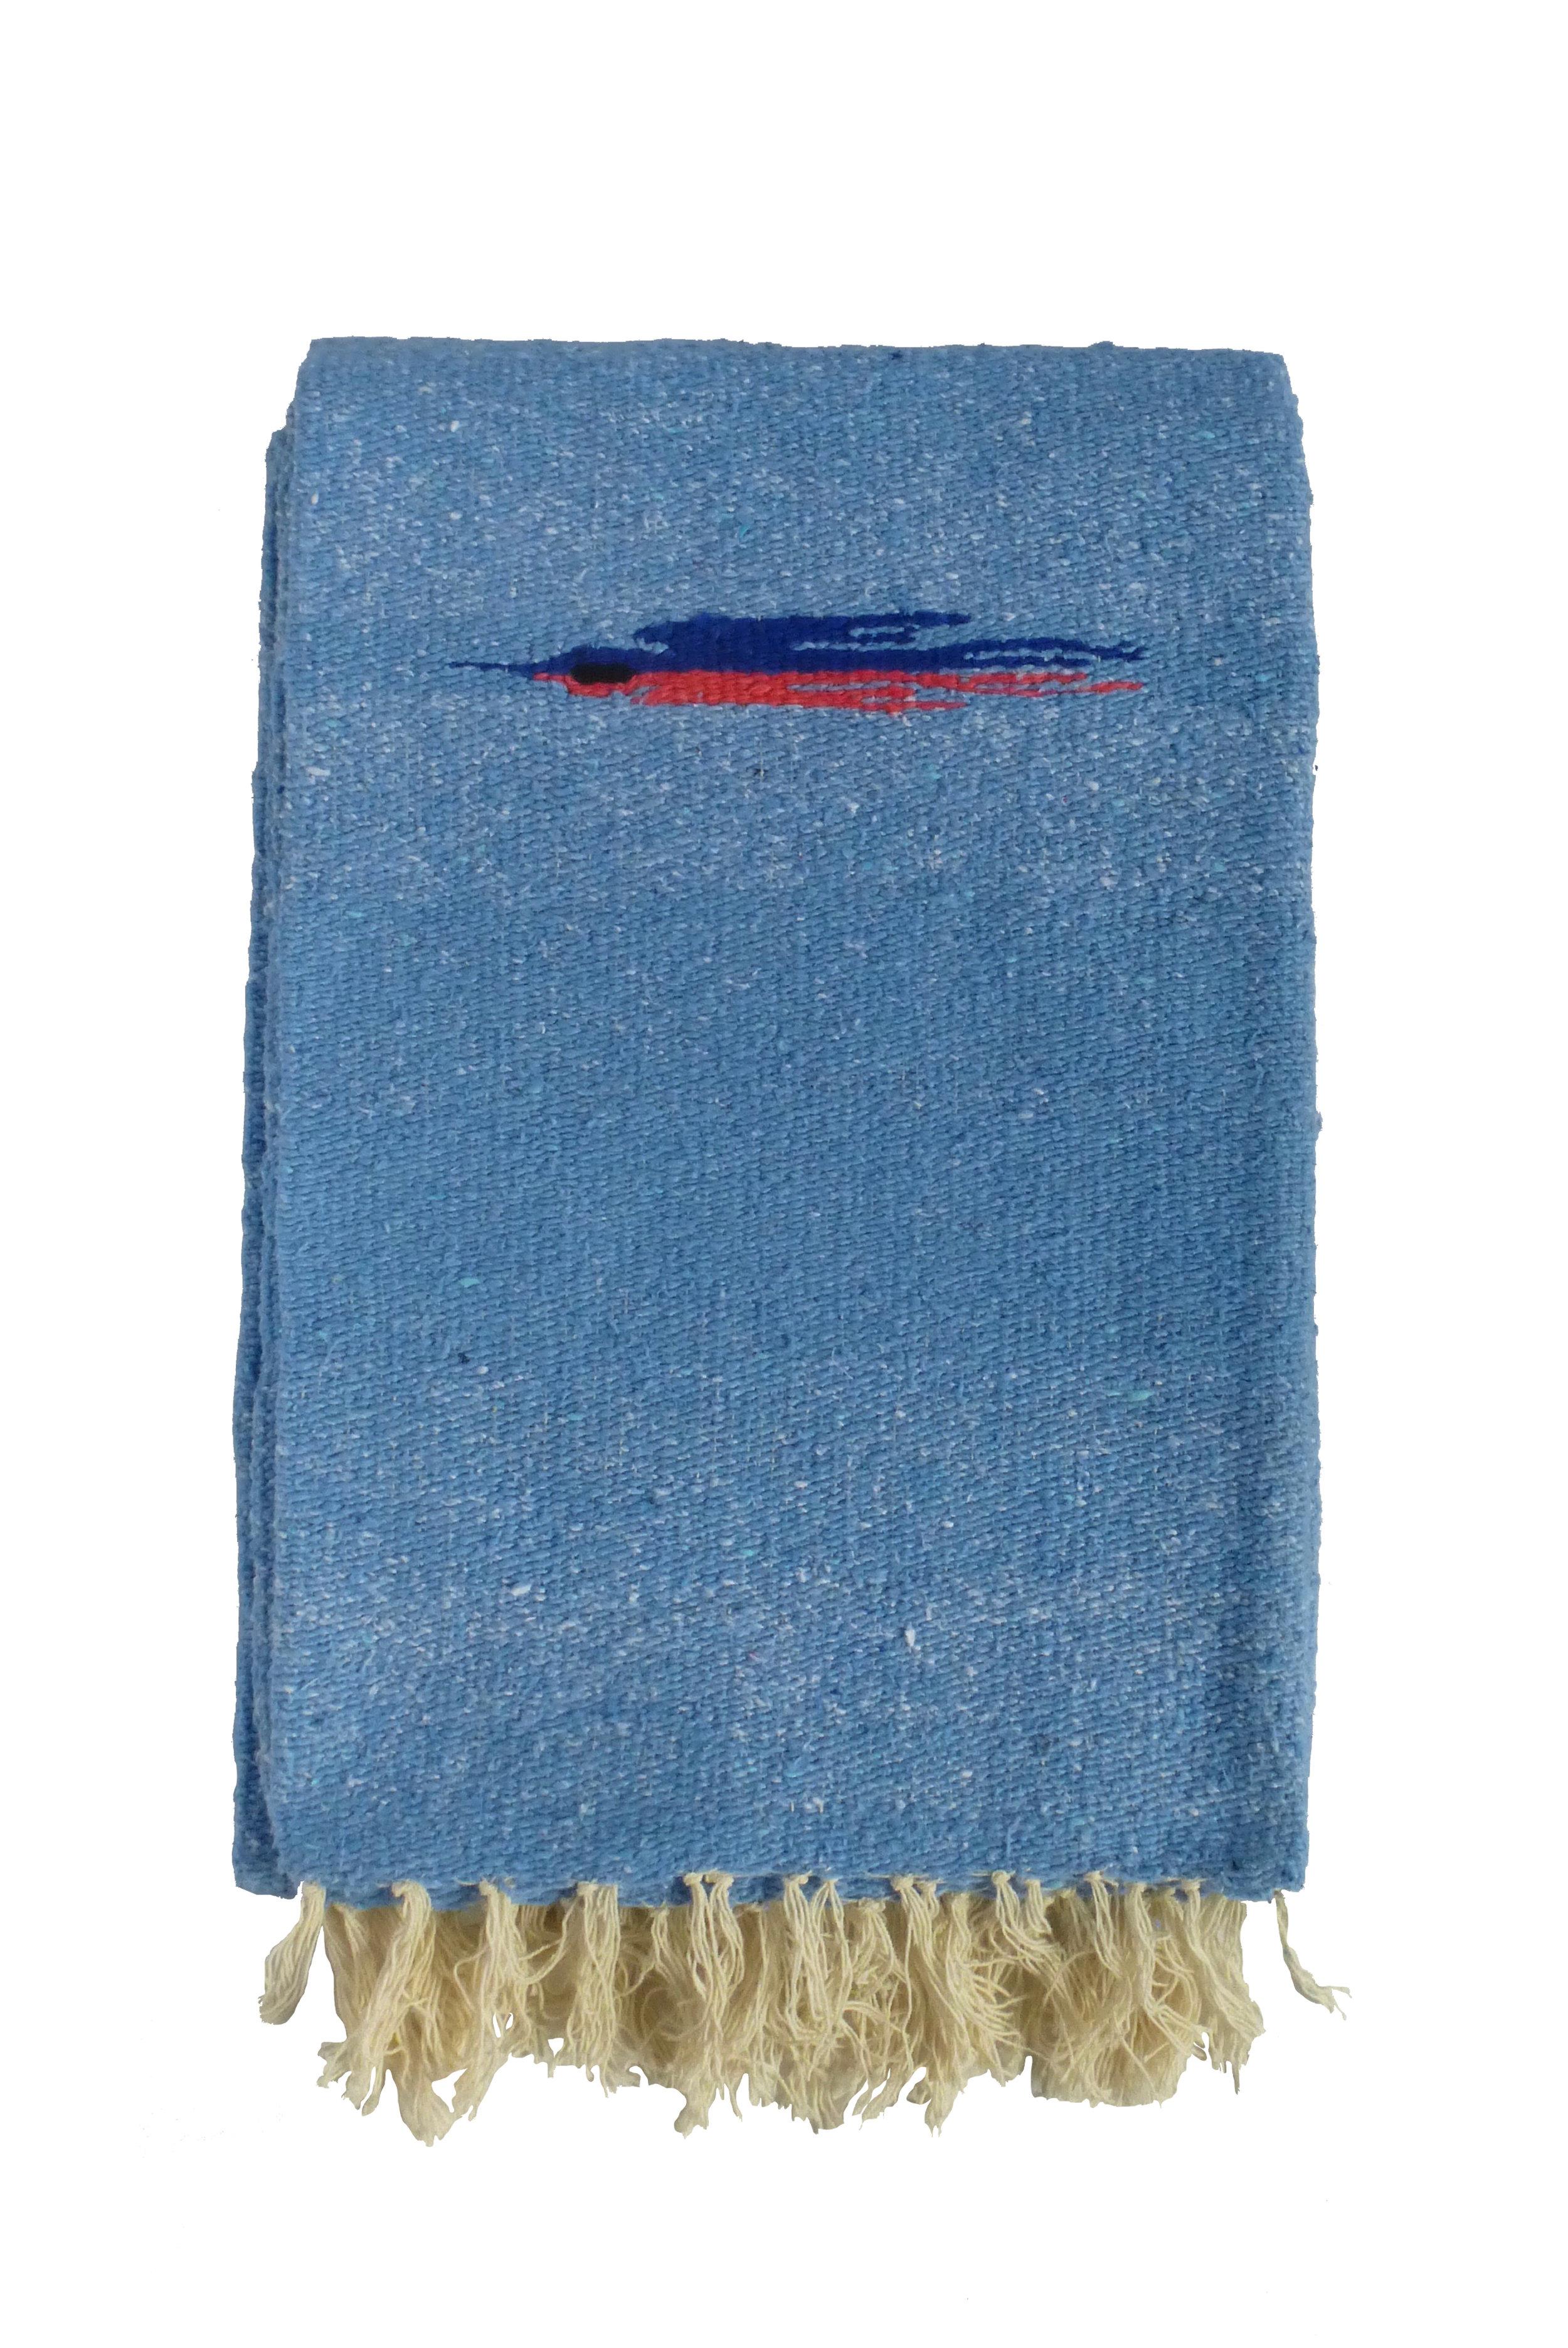 THUNDERBIRD BLANKET - LIGHT BLUE